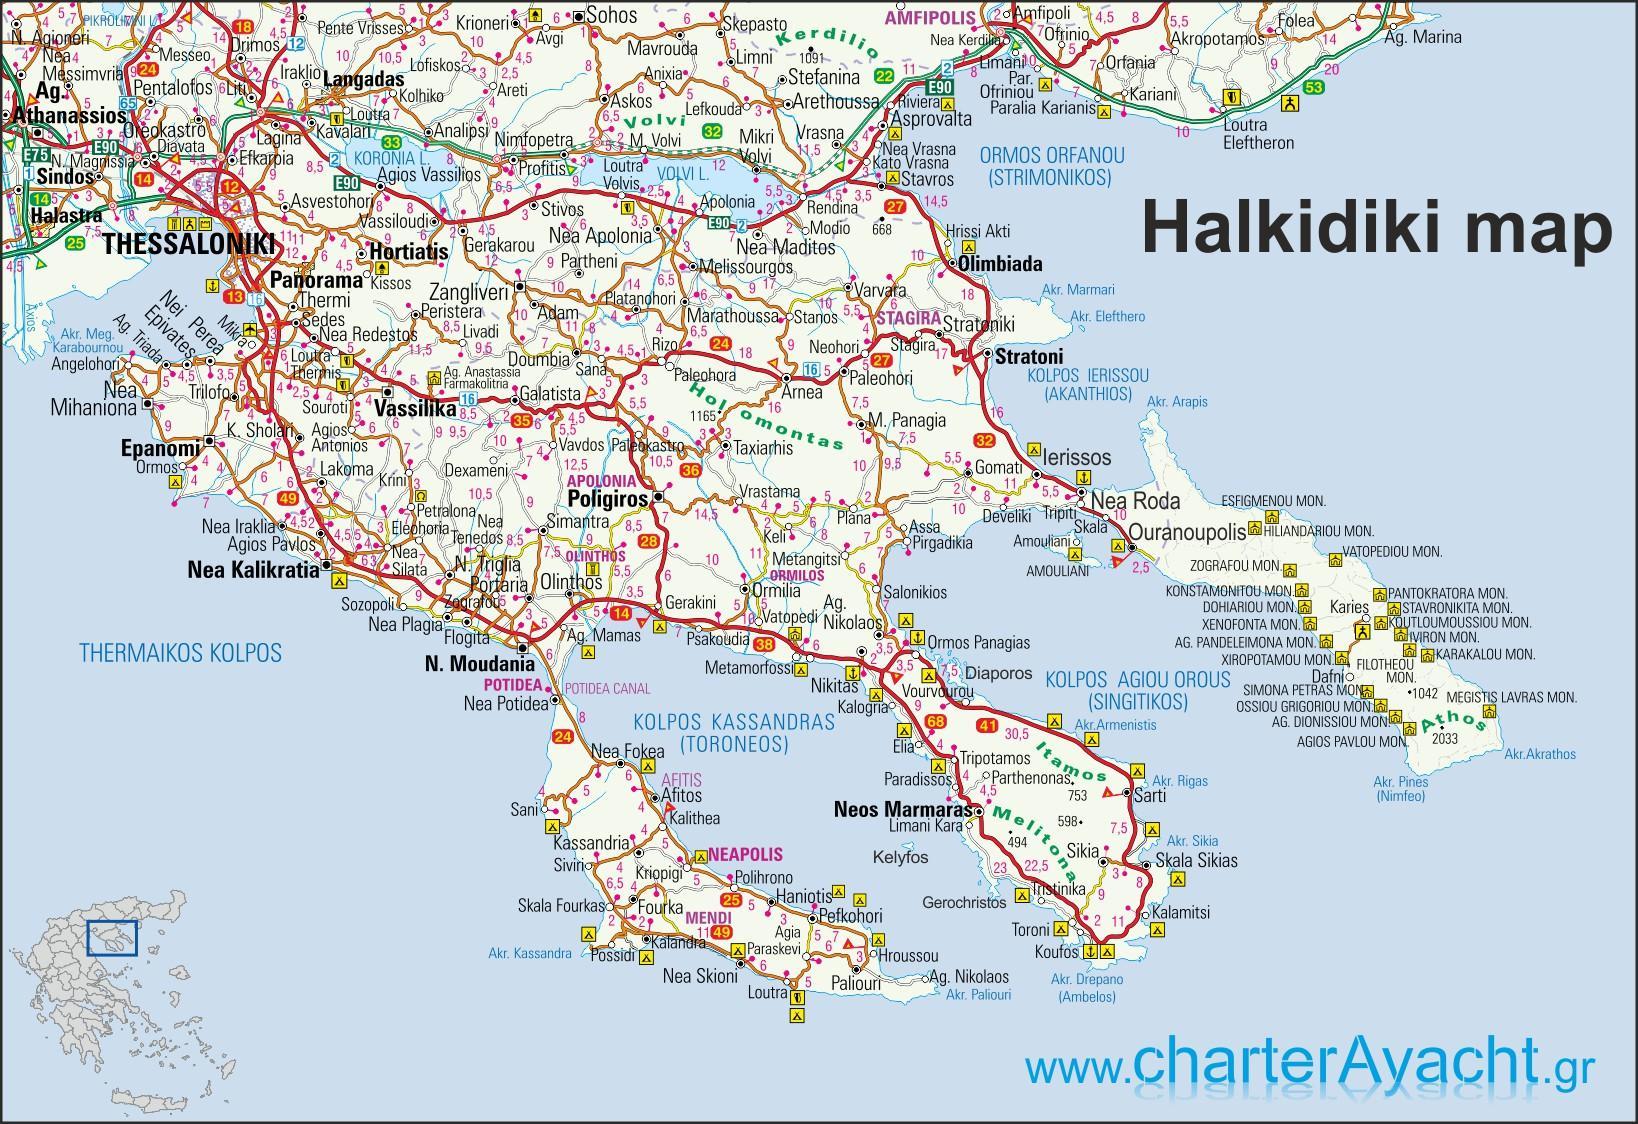 Halkidiki I Graekenland Kort Kort Over Graekenland Halkidiki Det